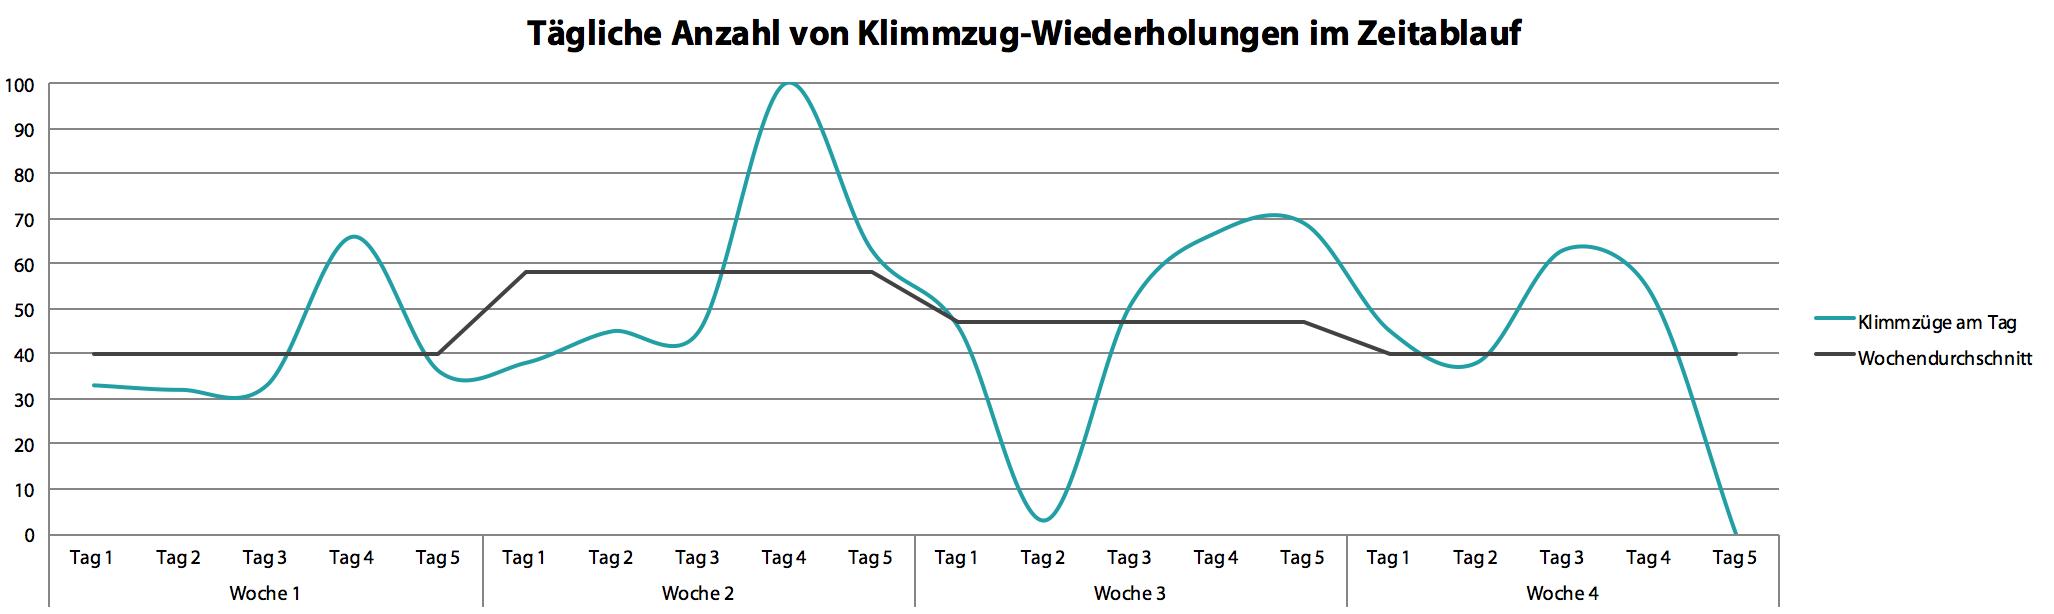 chart_anzahl_klimmzuege